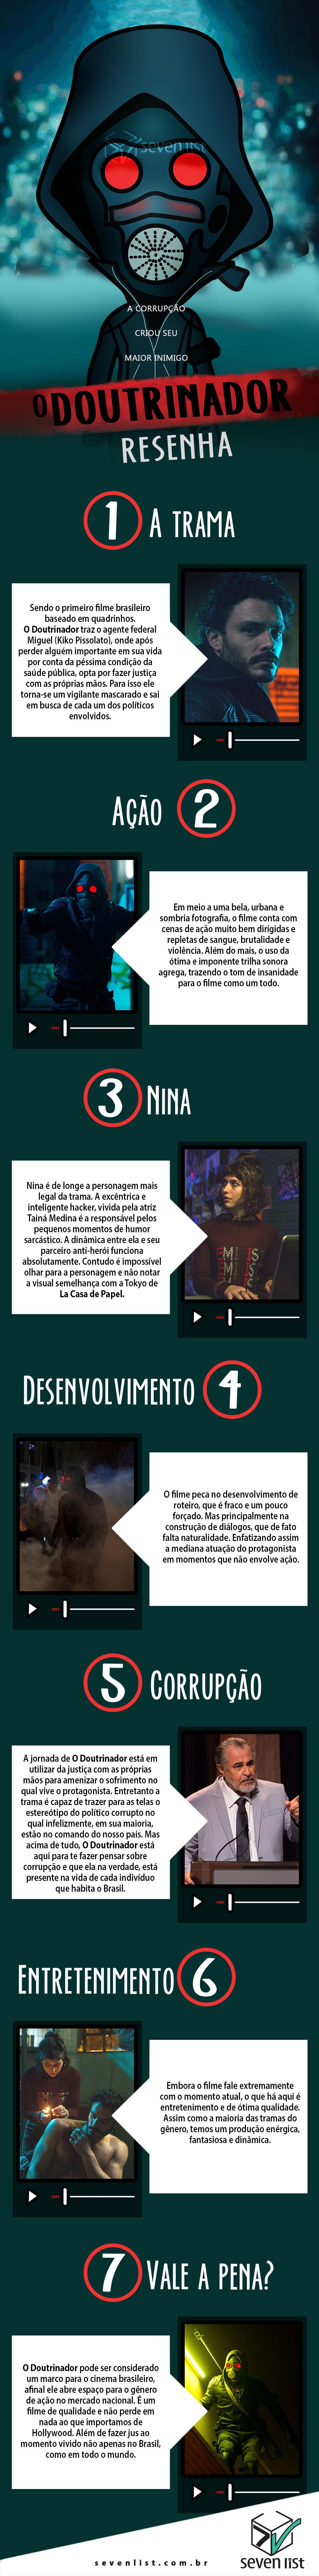 filme de herói brasileiro O Doutrinador